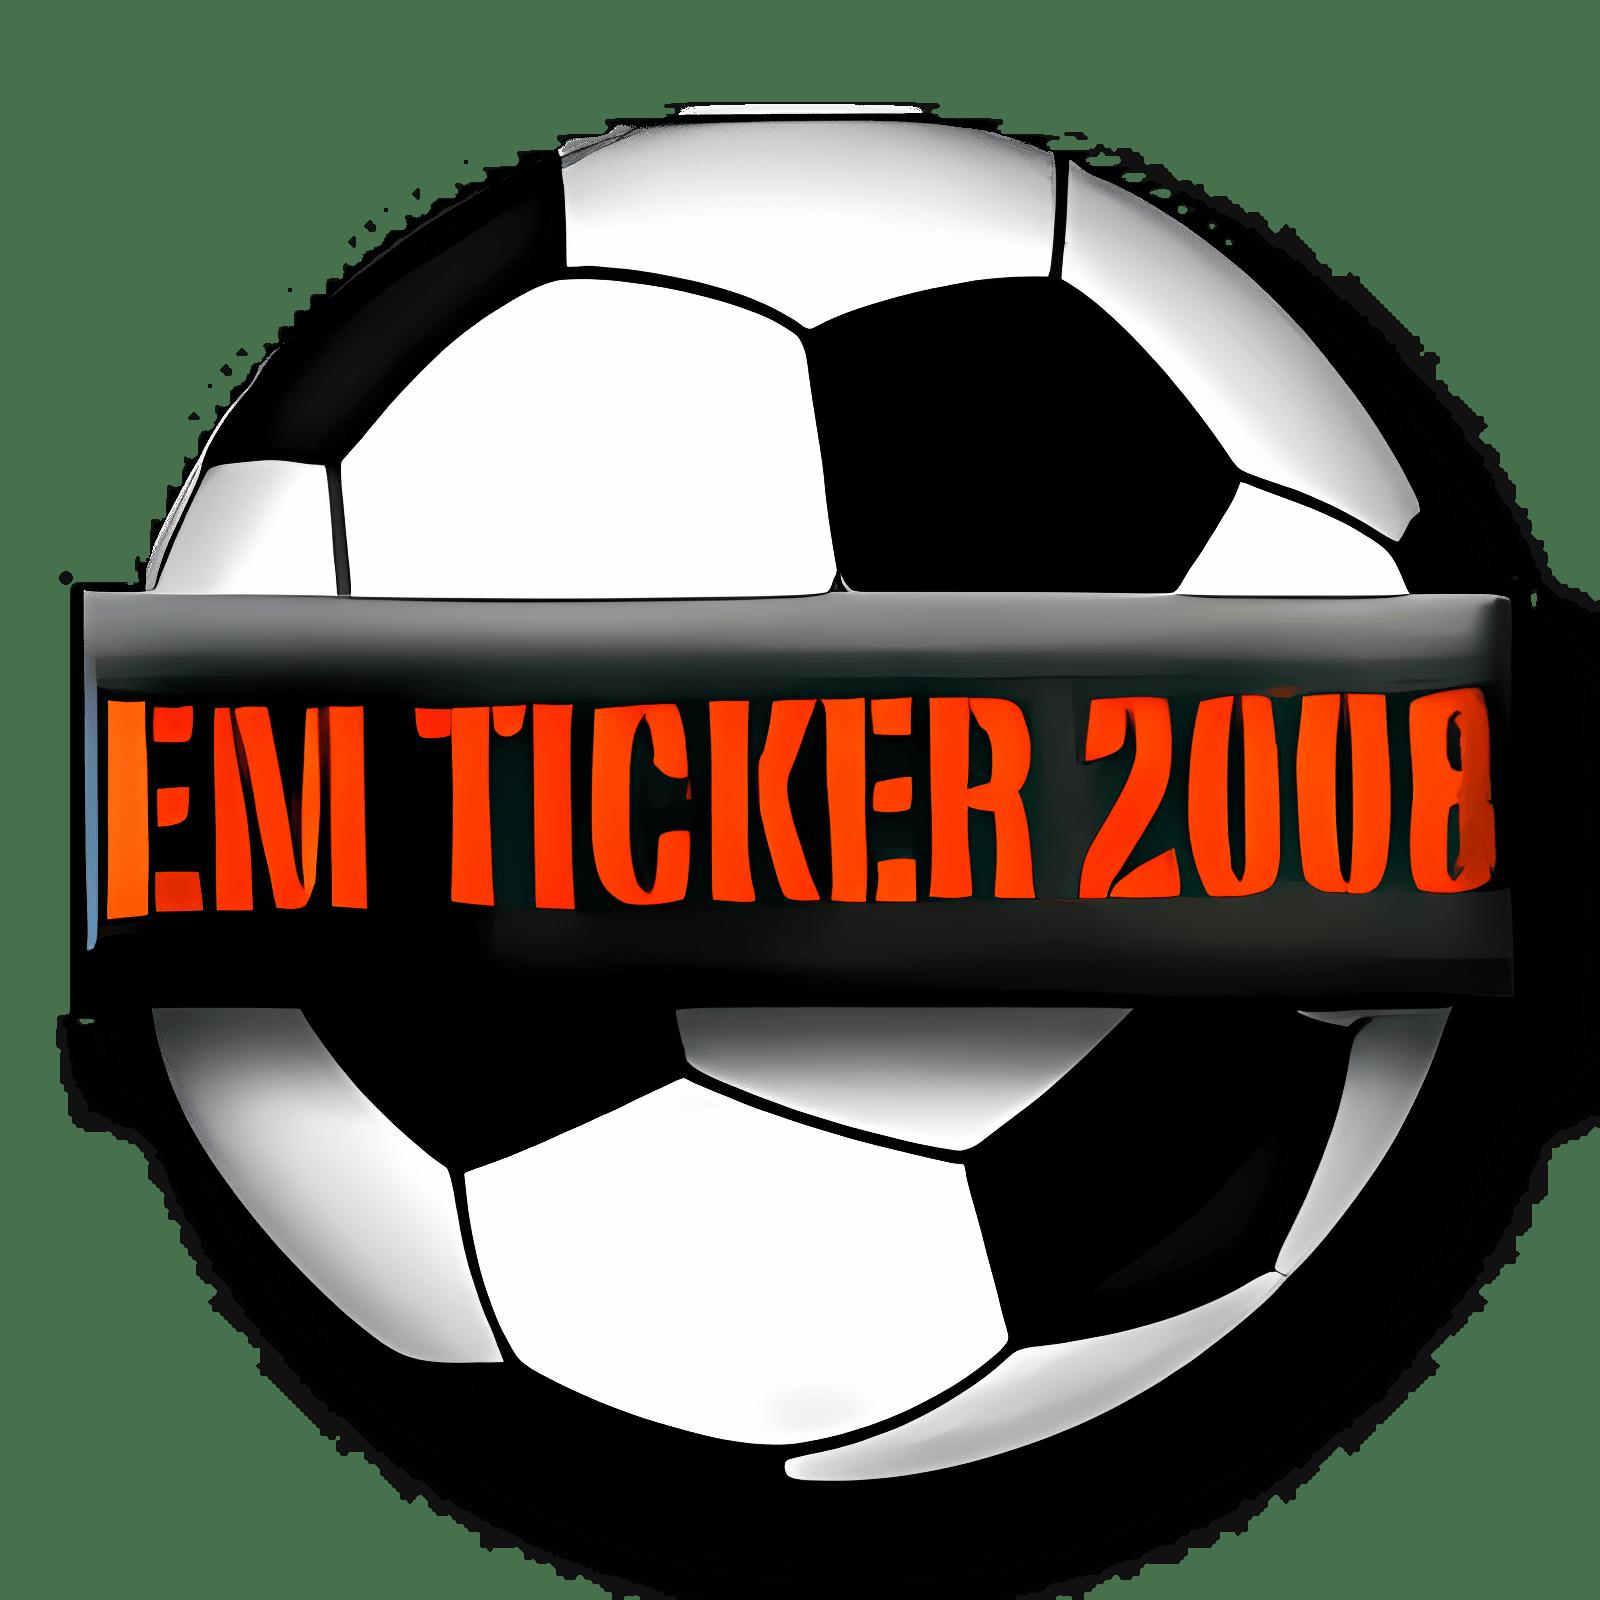 EM Ticker 2008